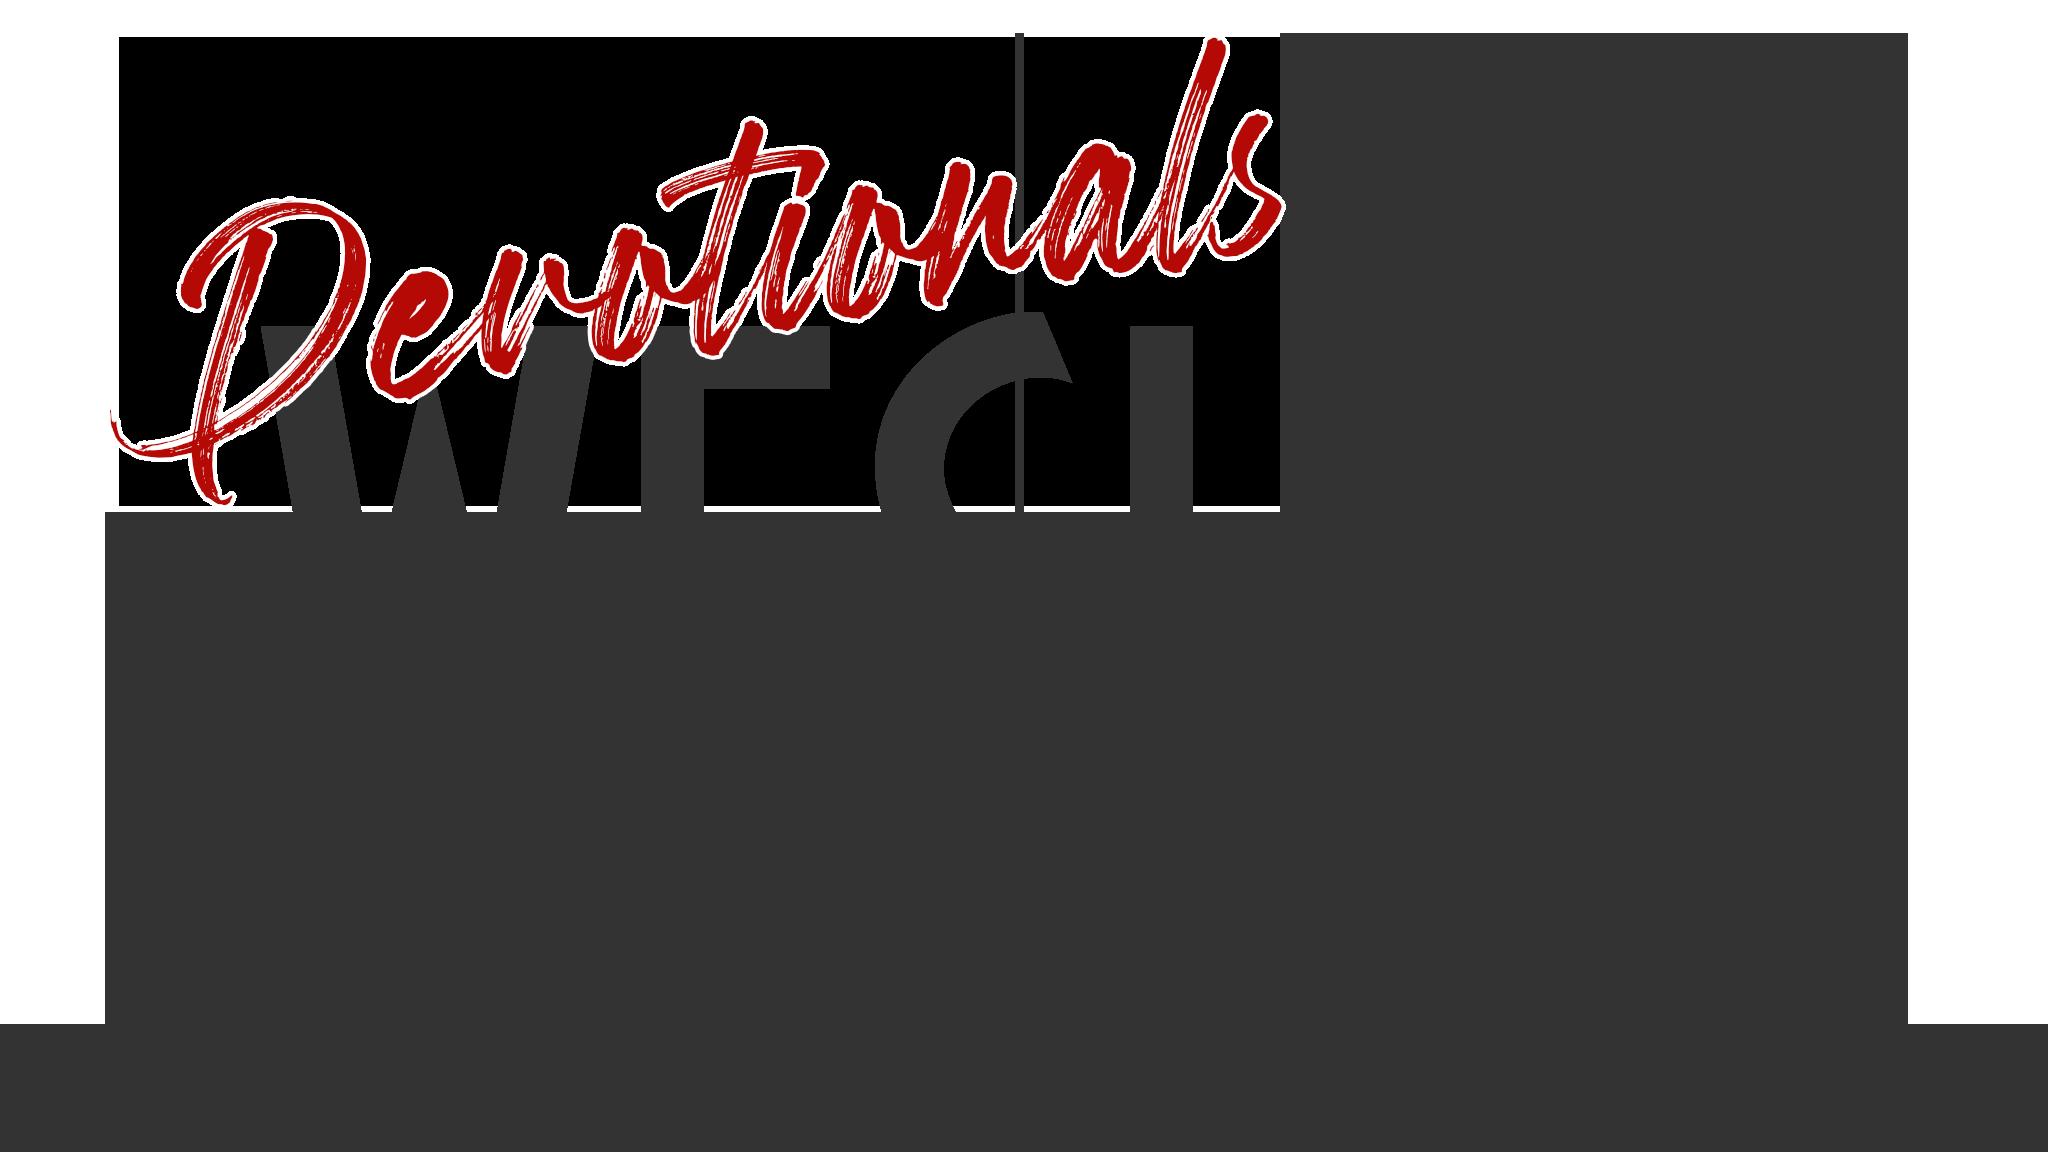 devotionals page header